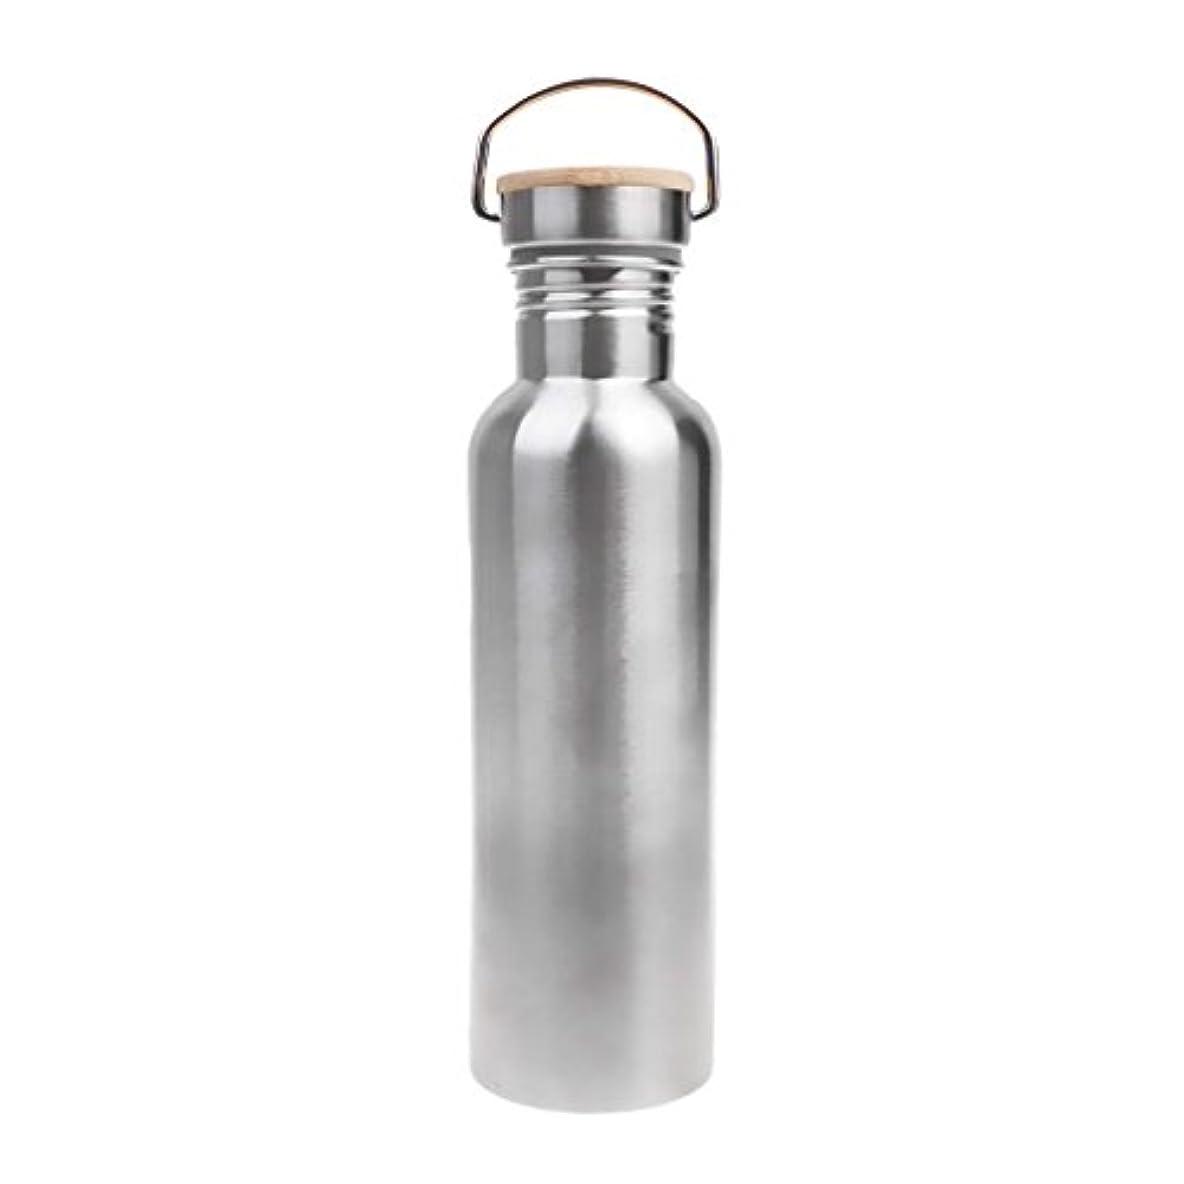 カートリッジ同盟エジプトFlameer 円筒形 ウォーターボトル 水ボトル アウトドア スポーツ 汎用 広口 便利 耐久